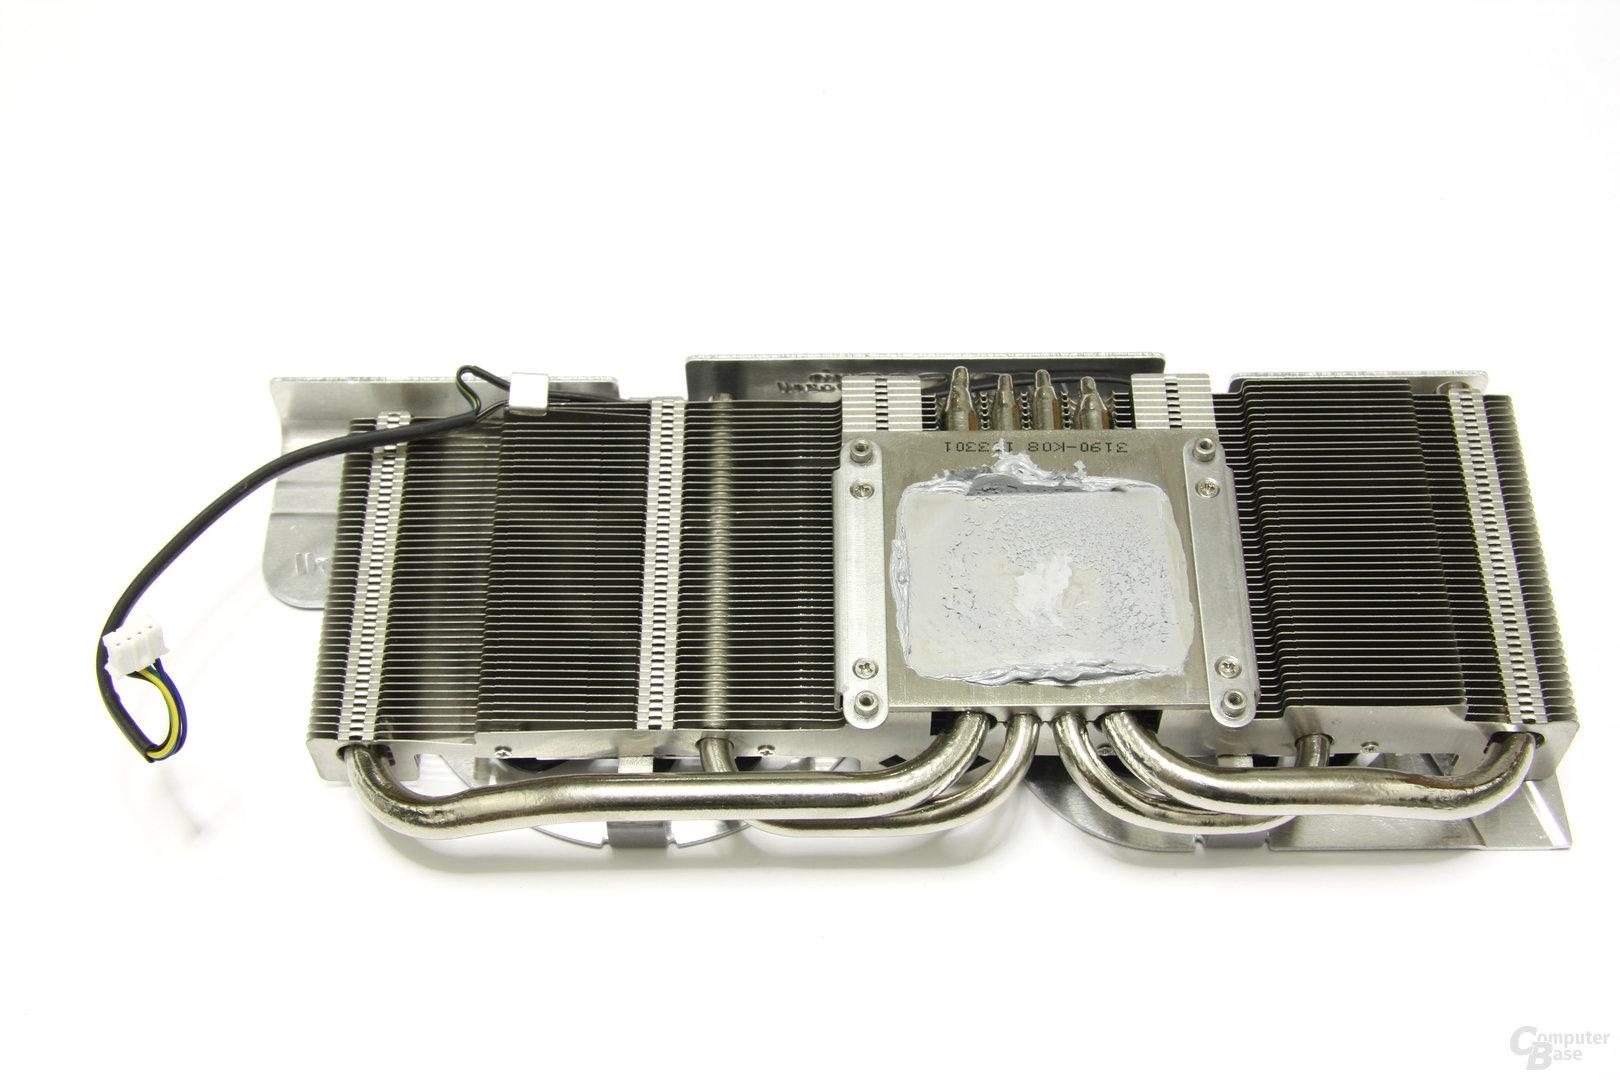 GeForce GTX 460 Hawk Kühlerrückseite